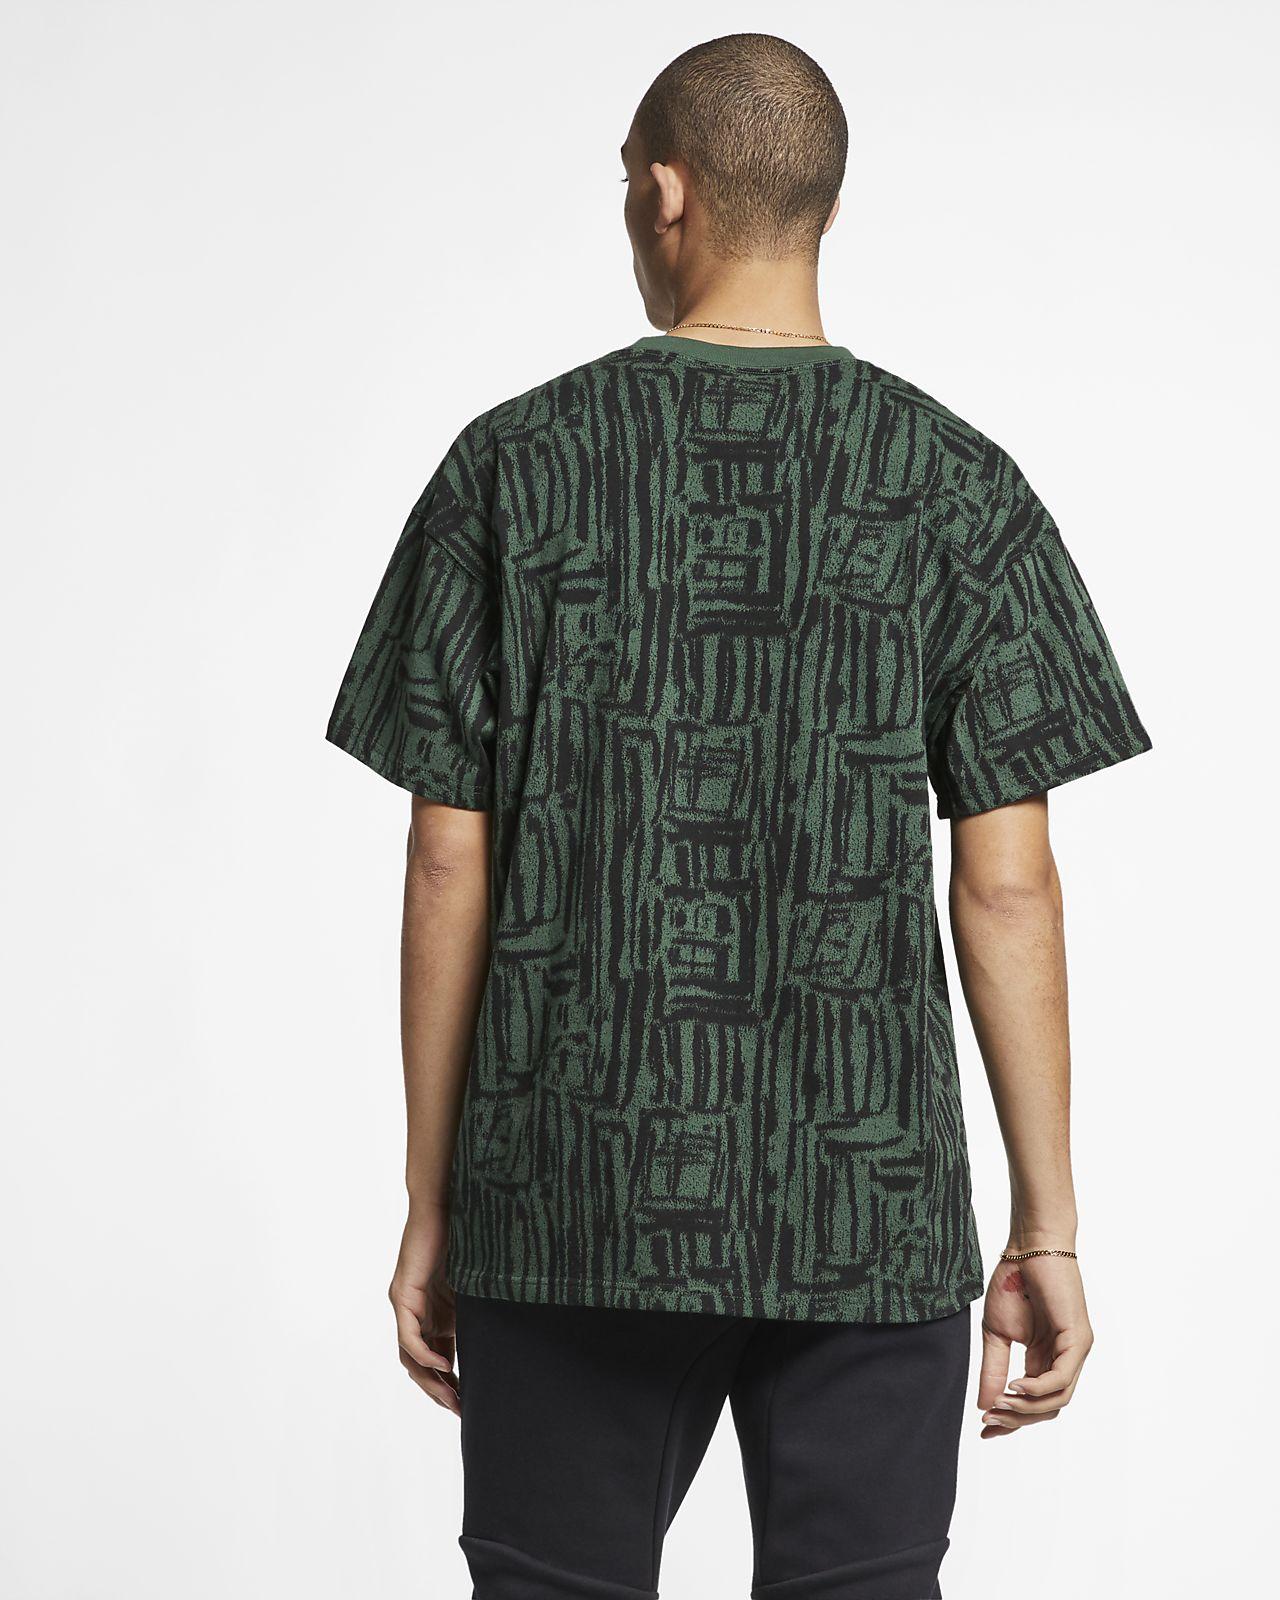 3e97b9bbdf04 Nike ACG Short-Sleeve Graphic T-Shirt. Nike.com AU